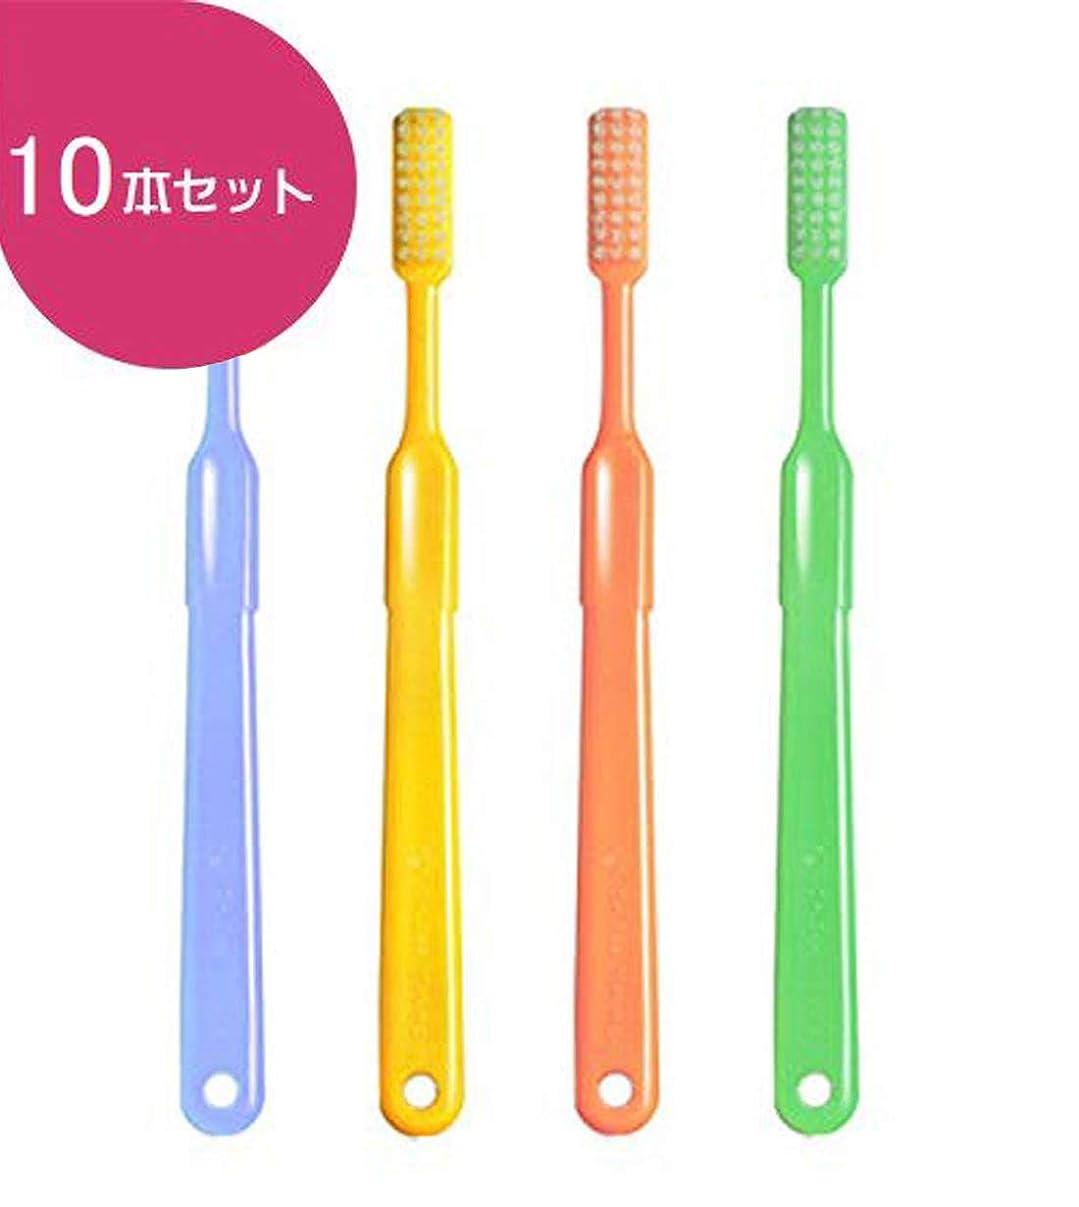 再び意気消沈した香港ビーブランド ドクター ビーヤング 歯ブラシ 10本 (ヤングソフト)